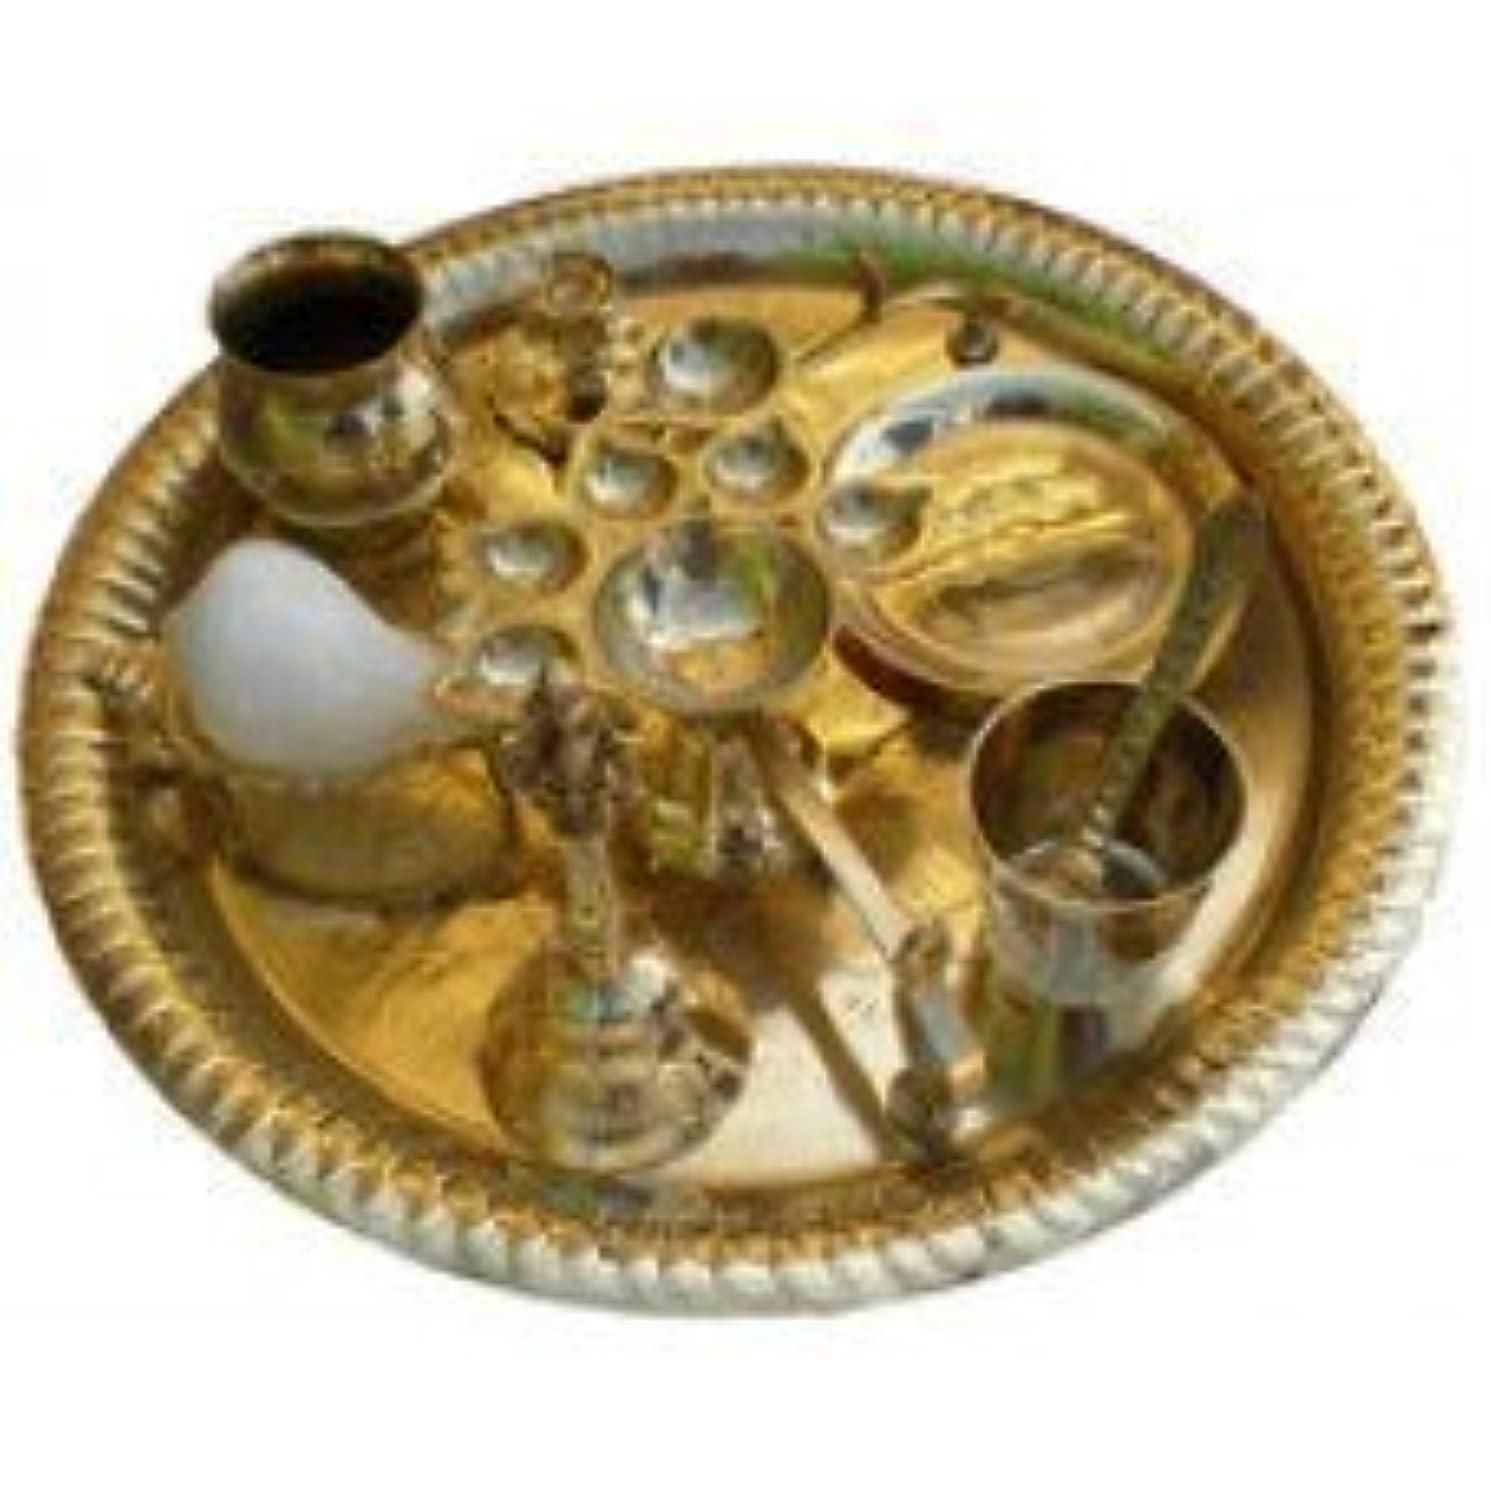 無一文改善チケットAarti Set (tray with Bell, Incense Holder, Flower Tray, Conch, Ghee Lamps)